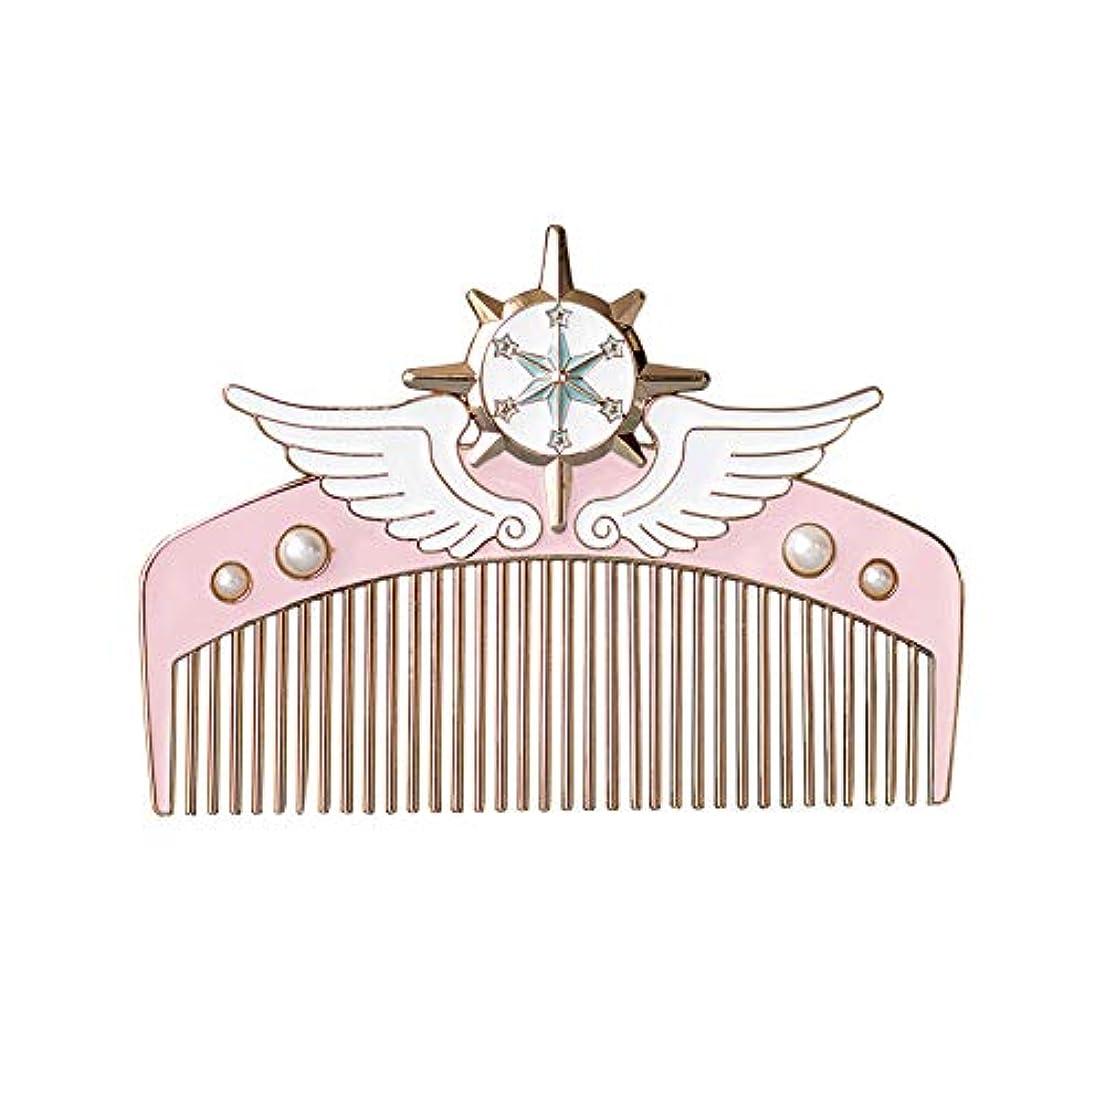 用心遠洋の甲虫ライフ小屋 櫛 ヘアブラシ カードキャプターさくら セーラームーン 可愛い ピンク 細歯 夢の杖櫛 半月形 ヘアブラシ 子供の髪 贈り物 プレゼント